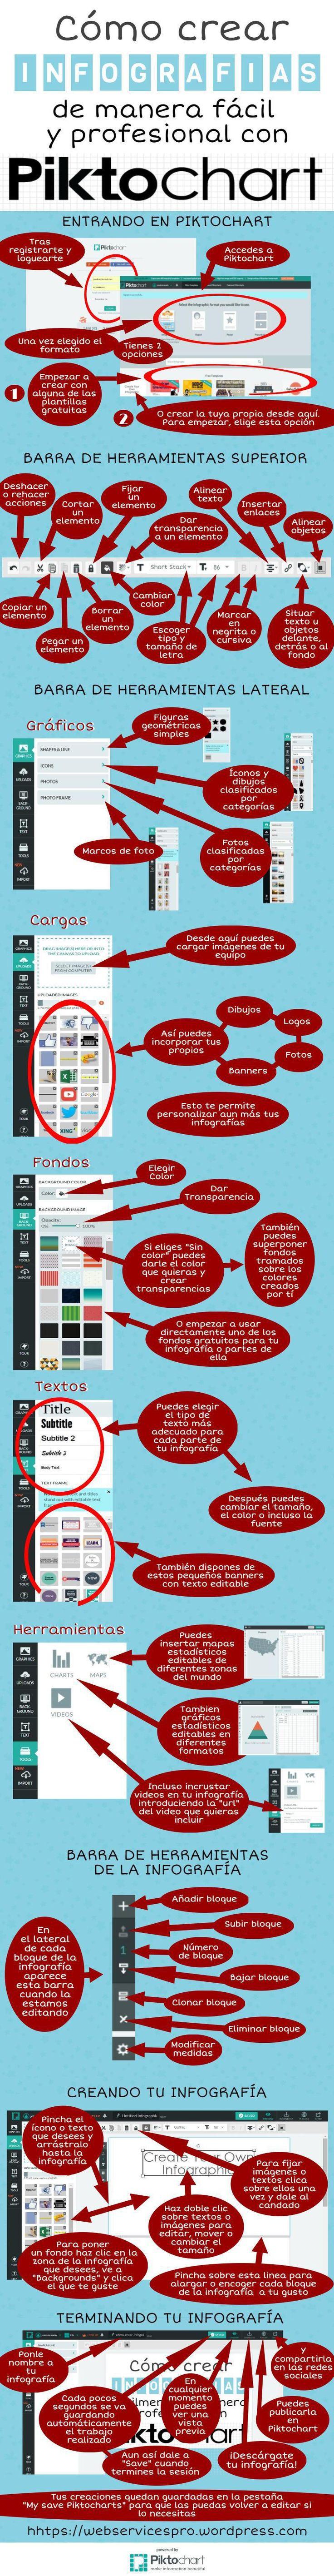 Cómo crear infografías con Piktochart #infografia #infographic #socialmedia | TICs y Formación